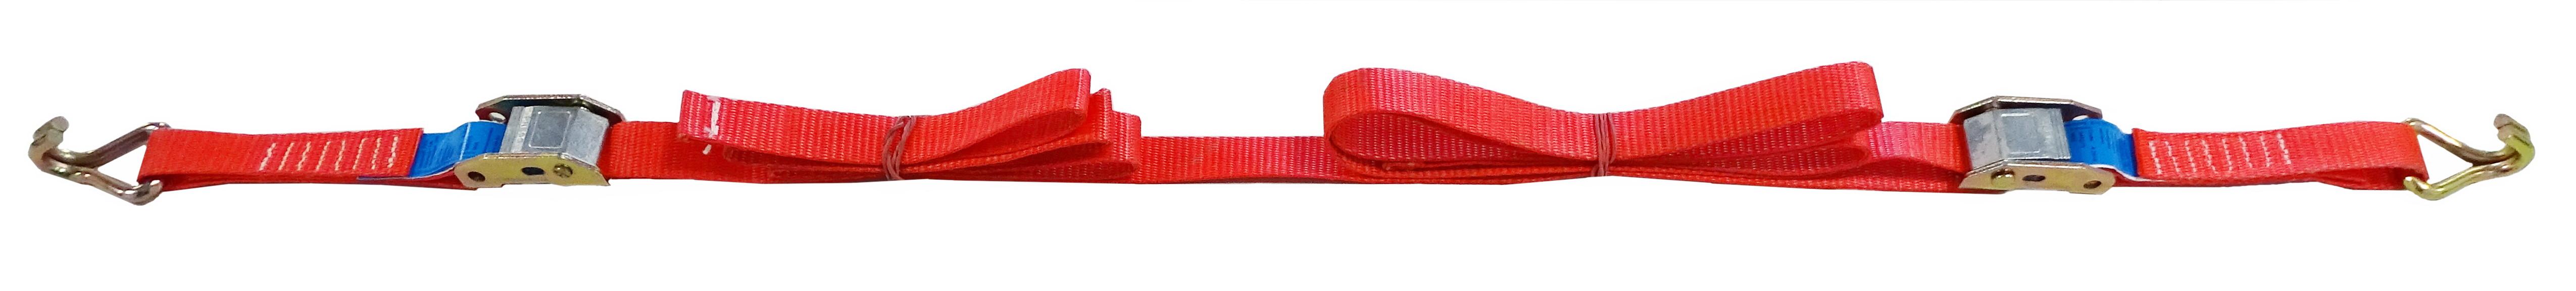 GWS®-Zurrgurt mit 2 Klemmschlössern,  25 mm Gurtbandbreite